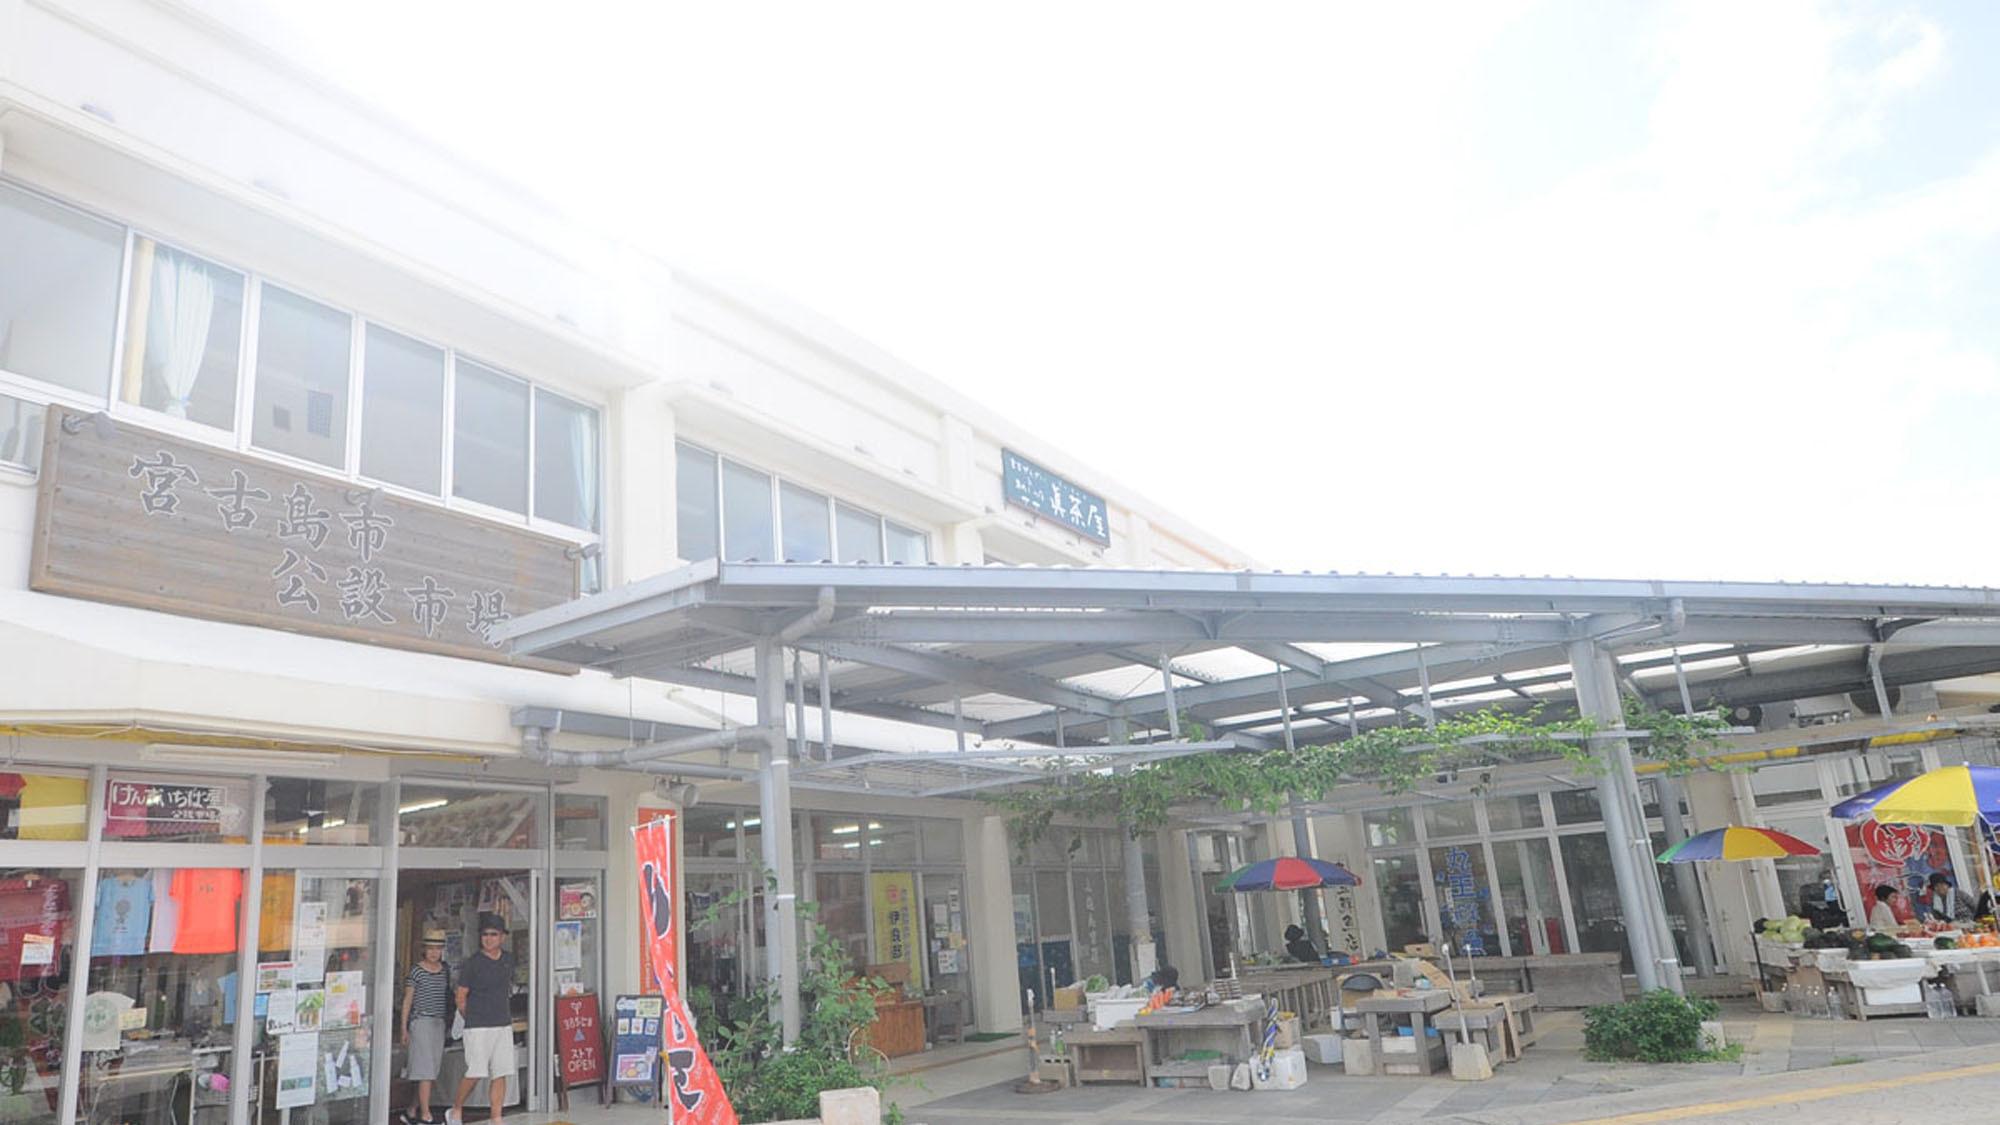 【宮古市公設市場】宮古島の地元食材が揃えられている市場です。当館より徒歩10分。